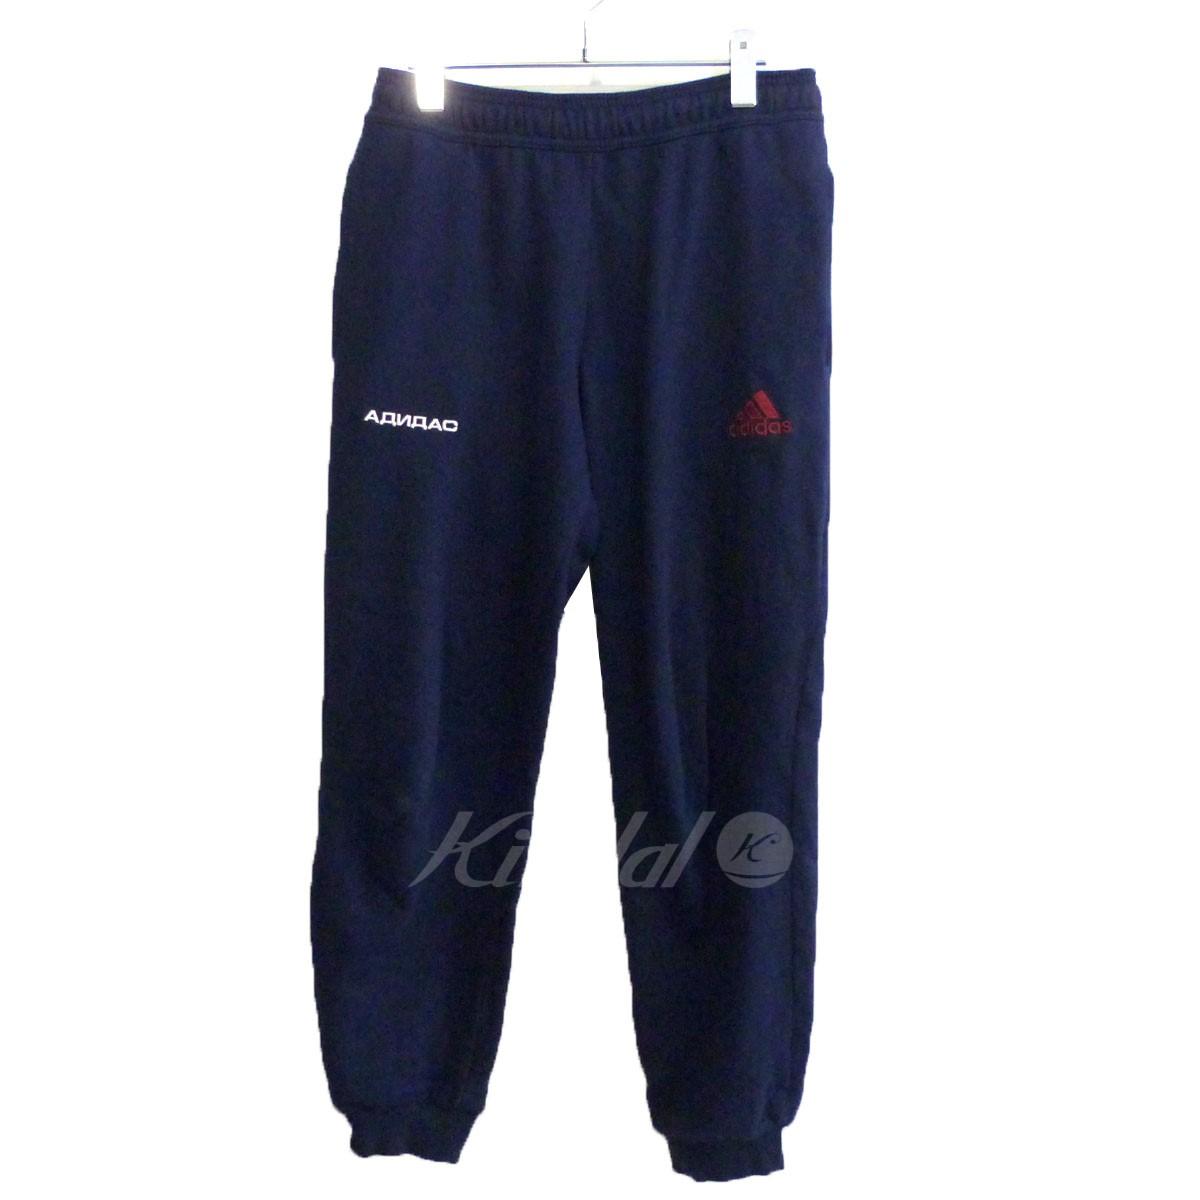 【中古】Gosha Rubchinskiy×adidas 18SS 「Sweatpants」スウェットパンツ ネイビー サイズ:M 【送料無料】 【130918】(ゴーシャラブチンスキー アディダス)